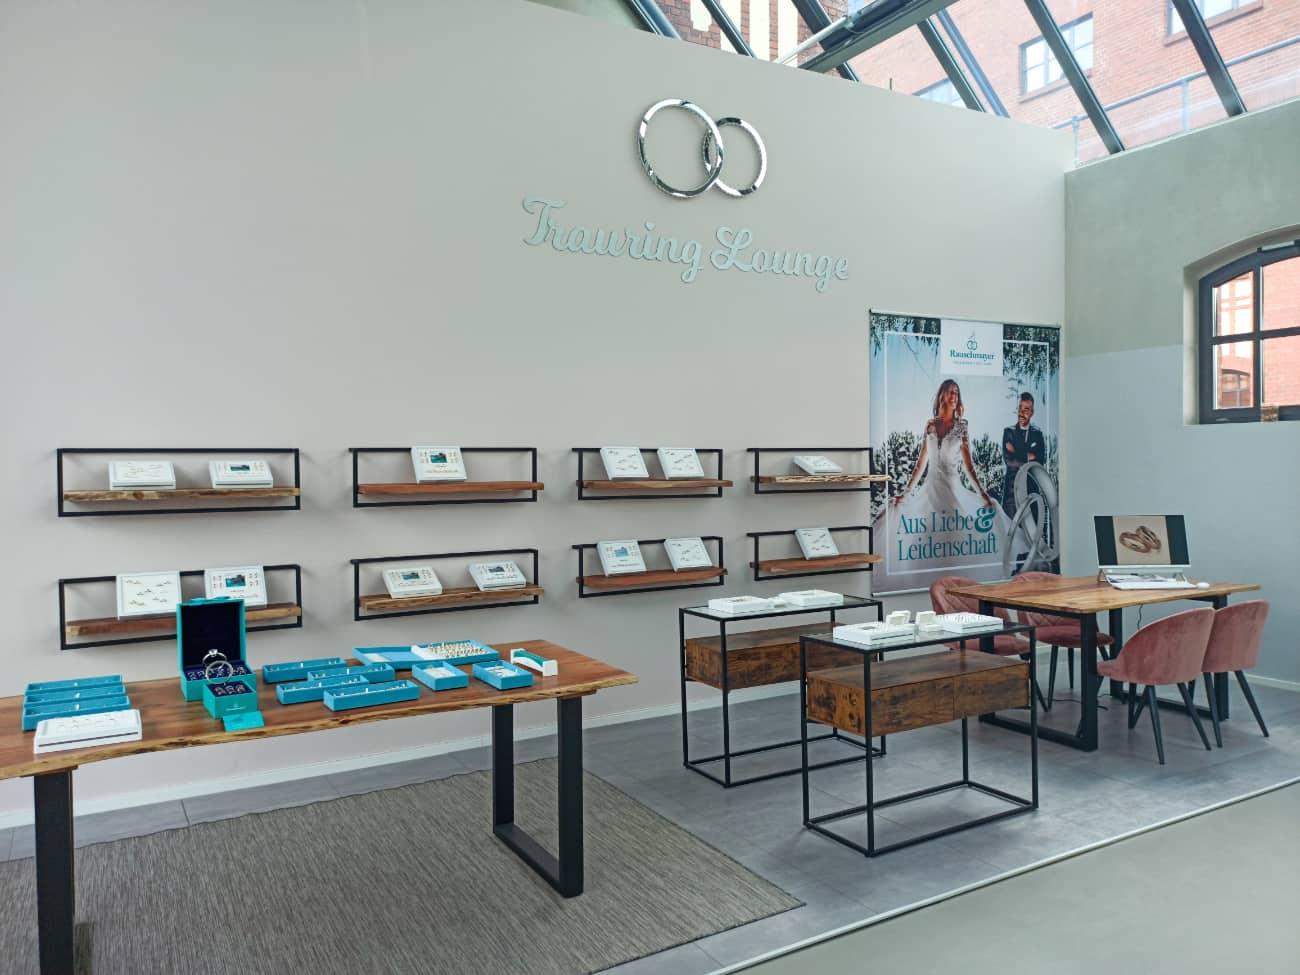 Trauringe in Berlin kaufen – Trauring Lounge von Vanity Bridal